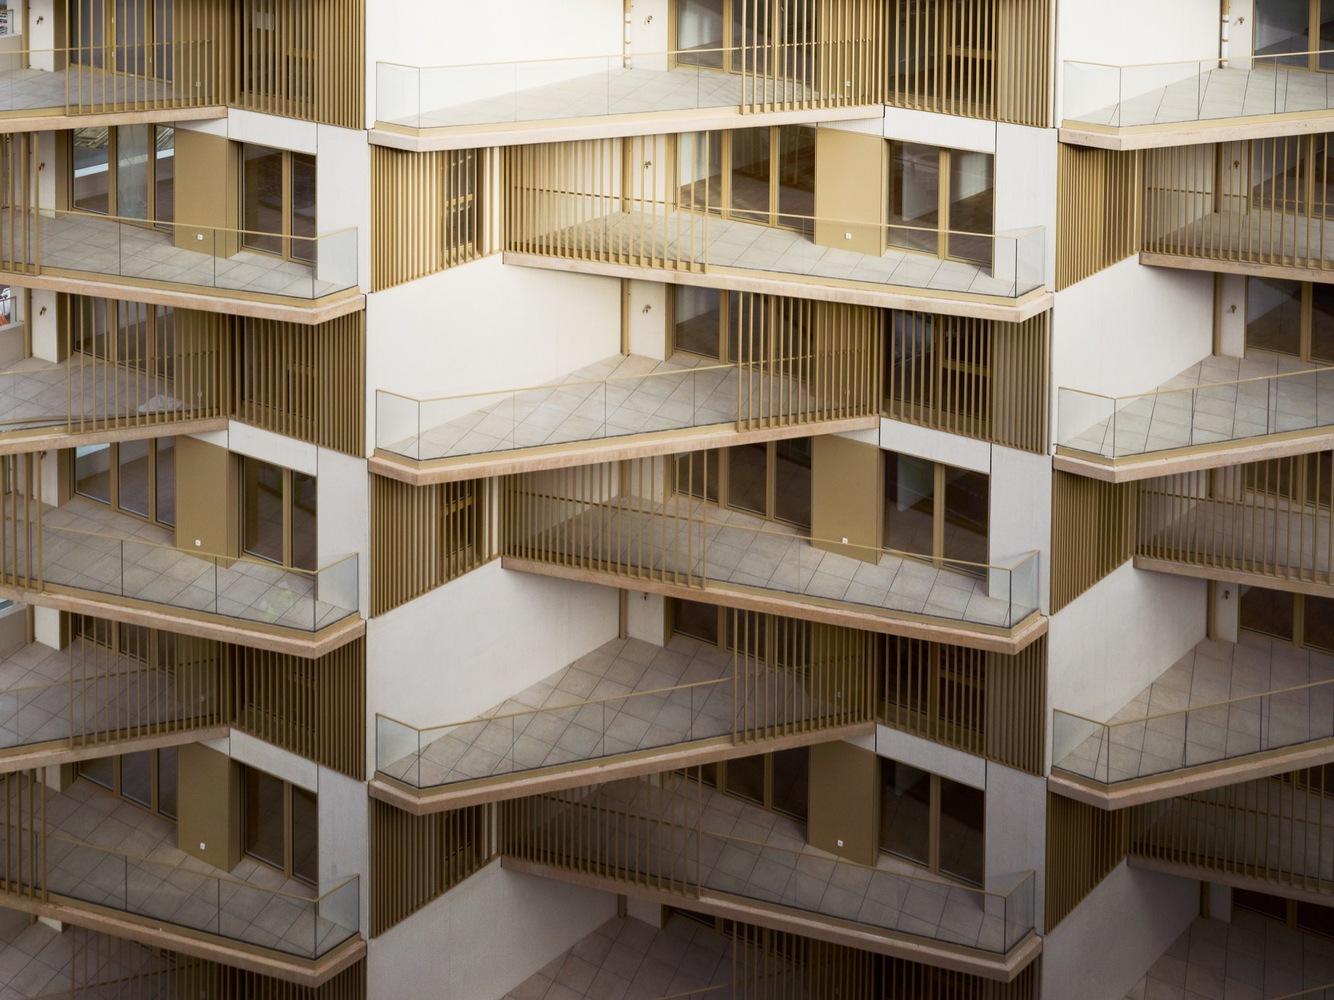 ALLURE - XXL origami / FRESH Architectures & ITAR architectures